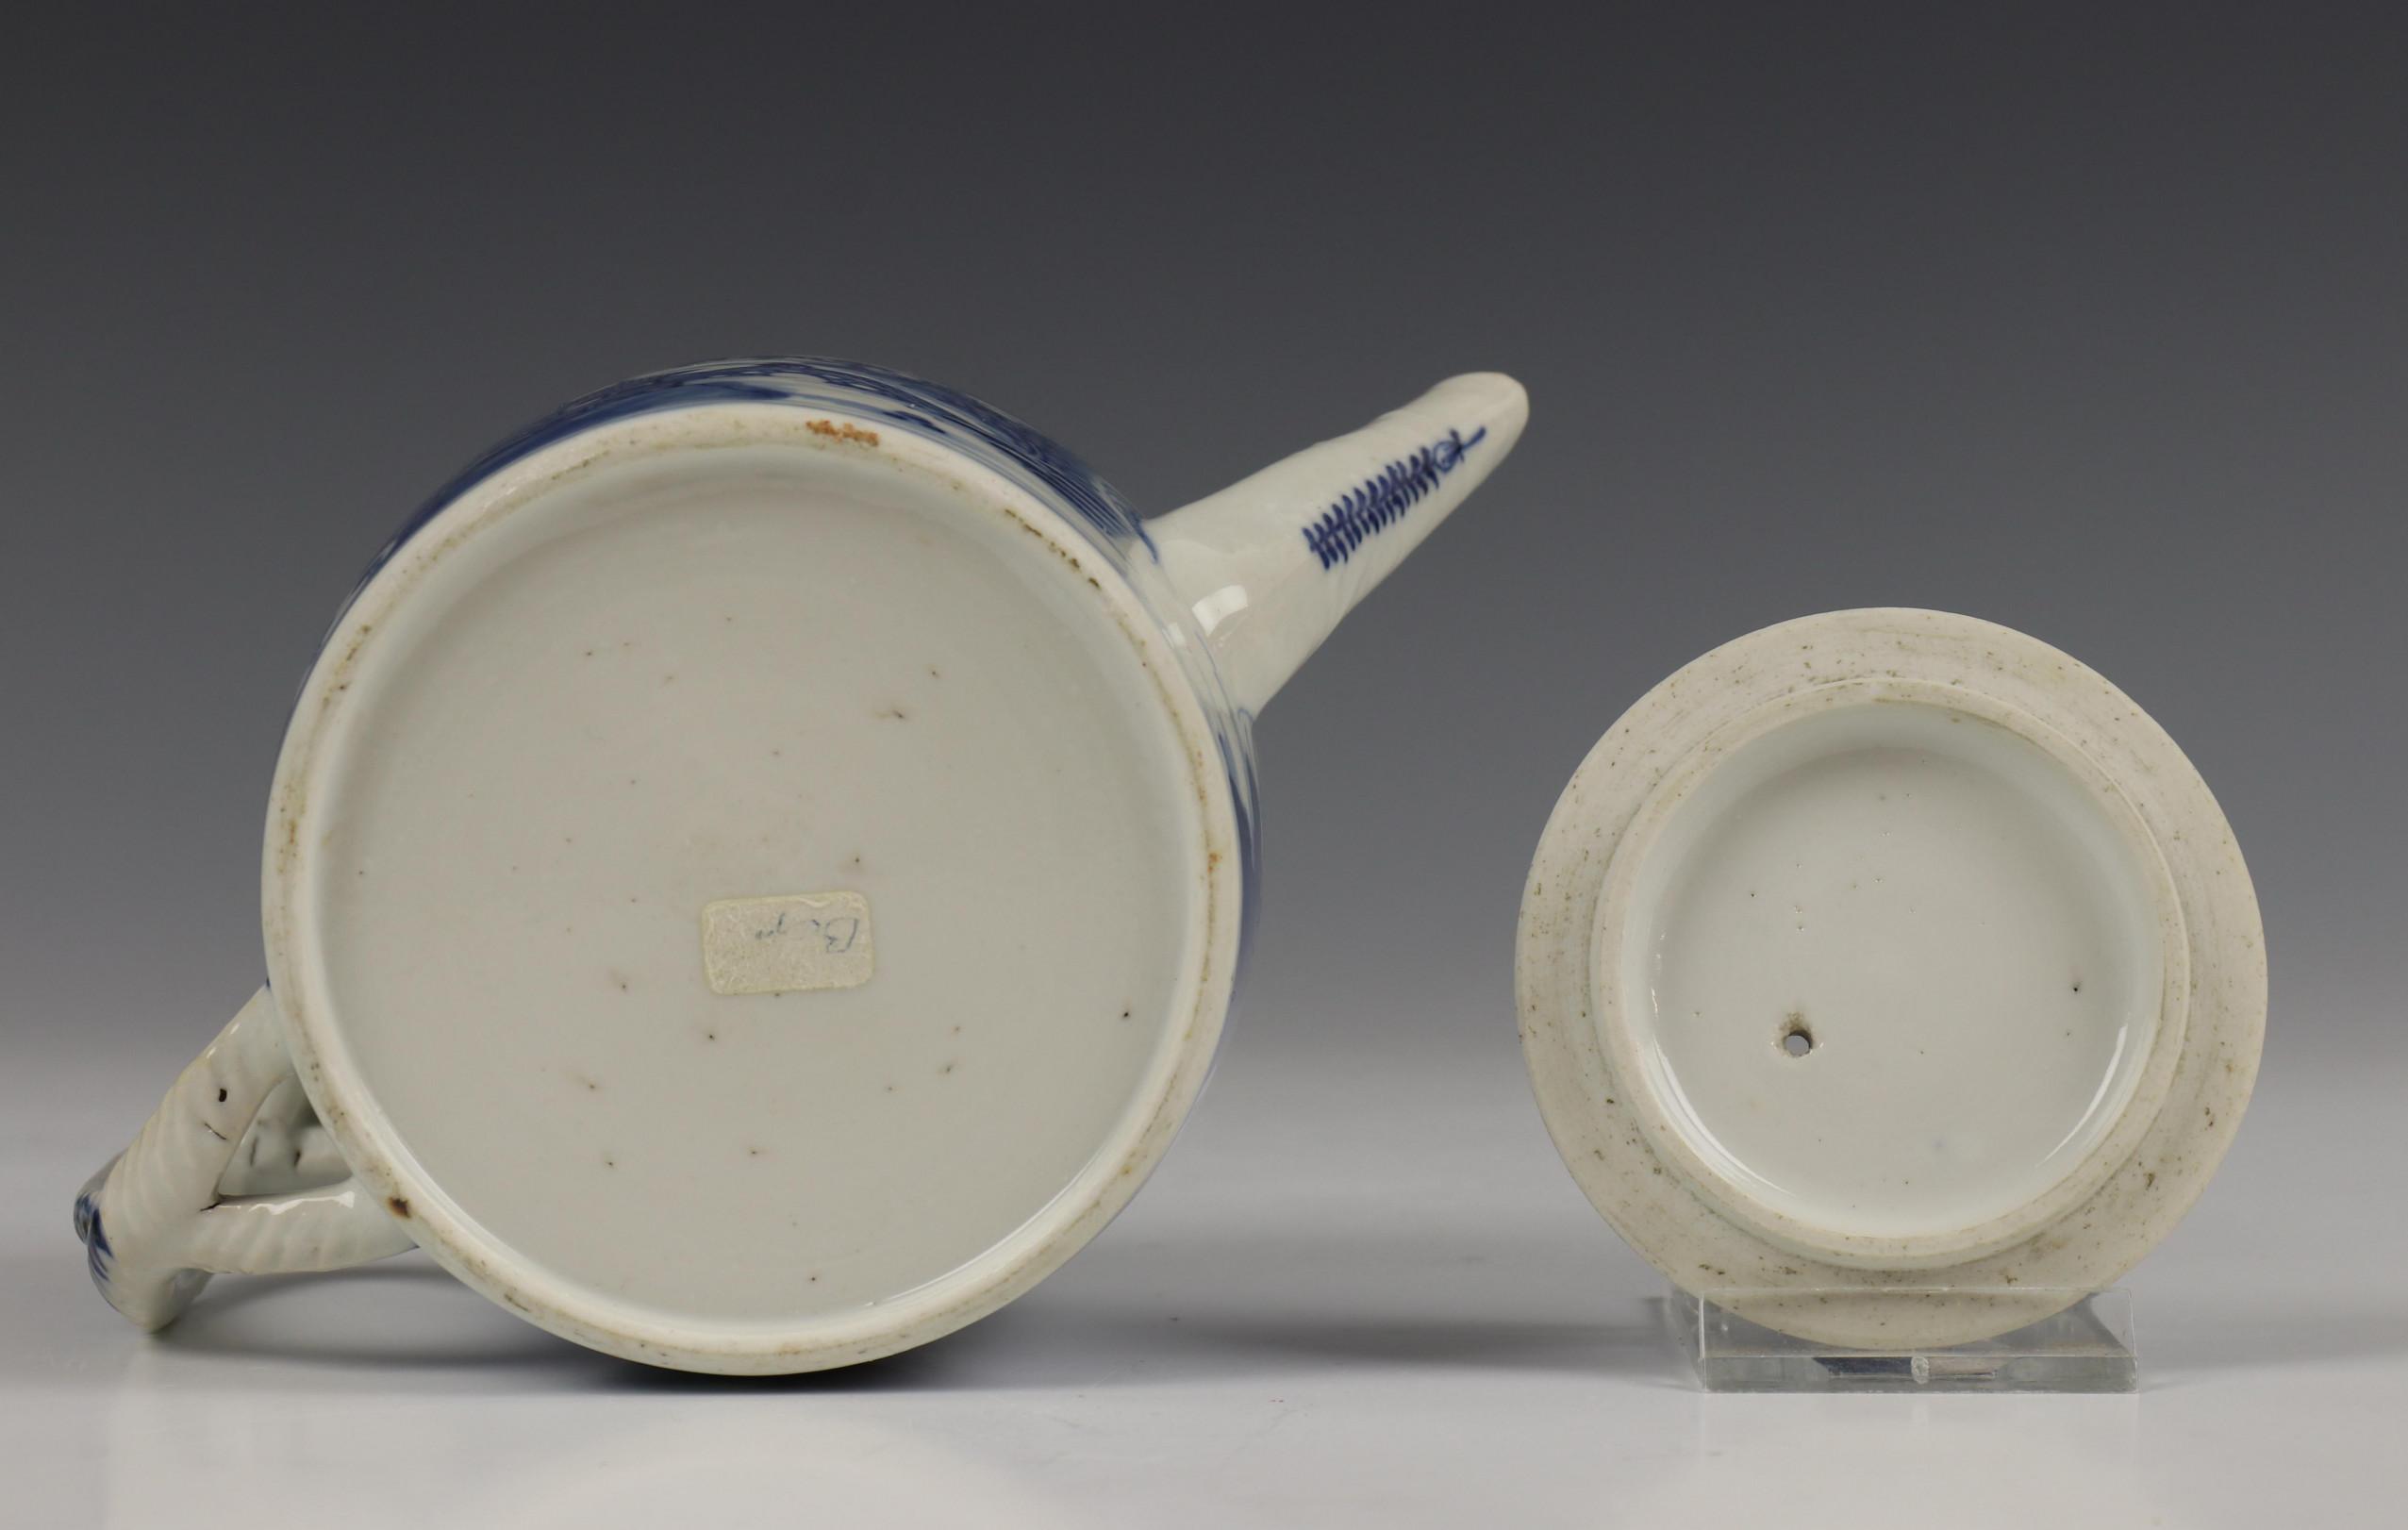 China, blauw-wit porseleinen trekpot, Imari trekpotje en melkkan, 18e eeuw, - Image 10 of 21